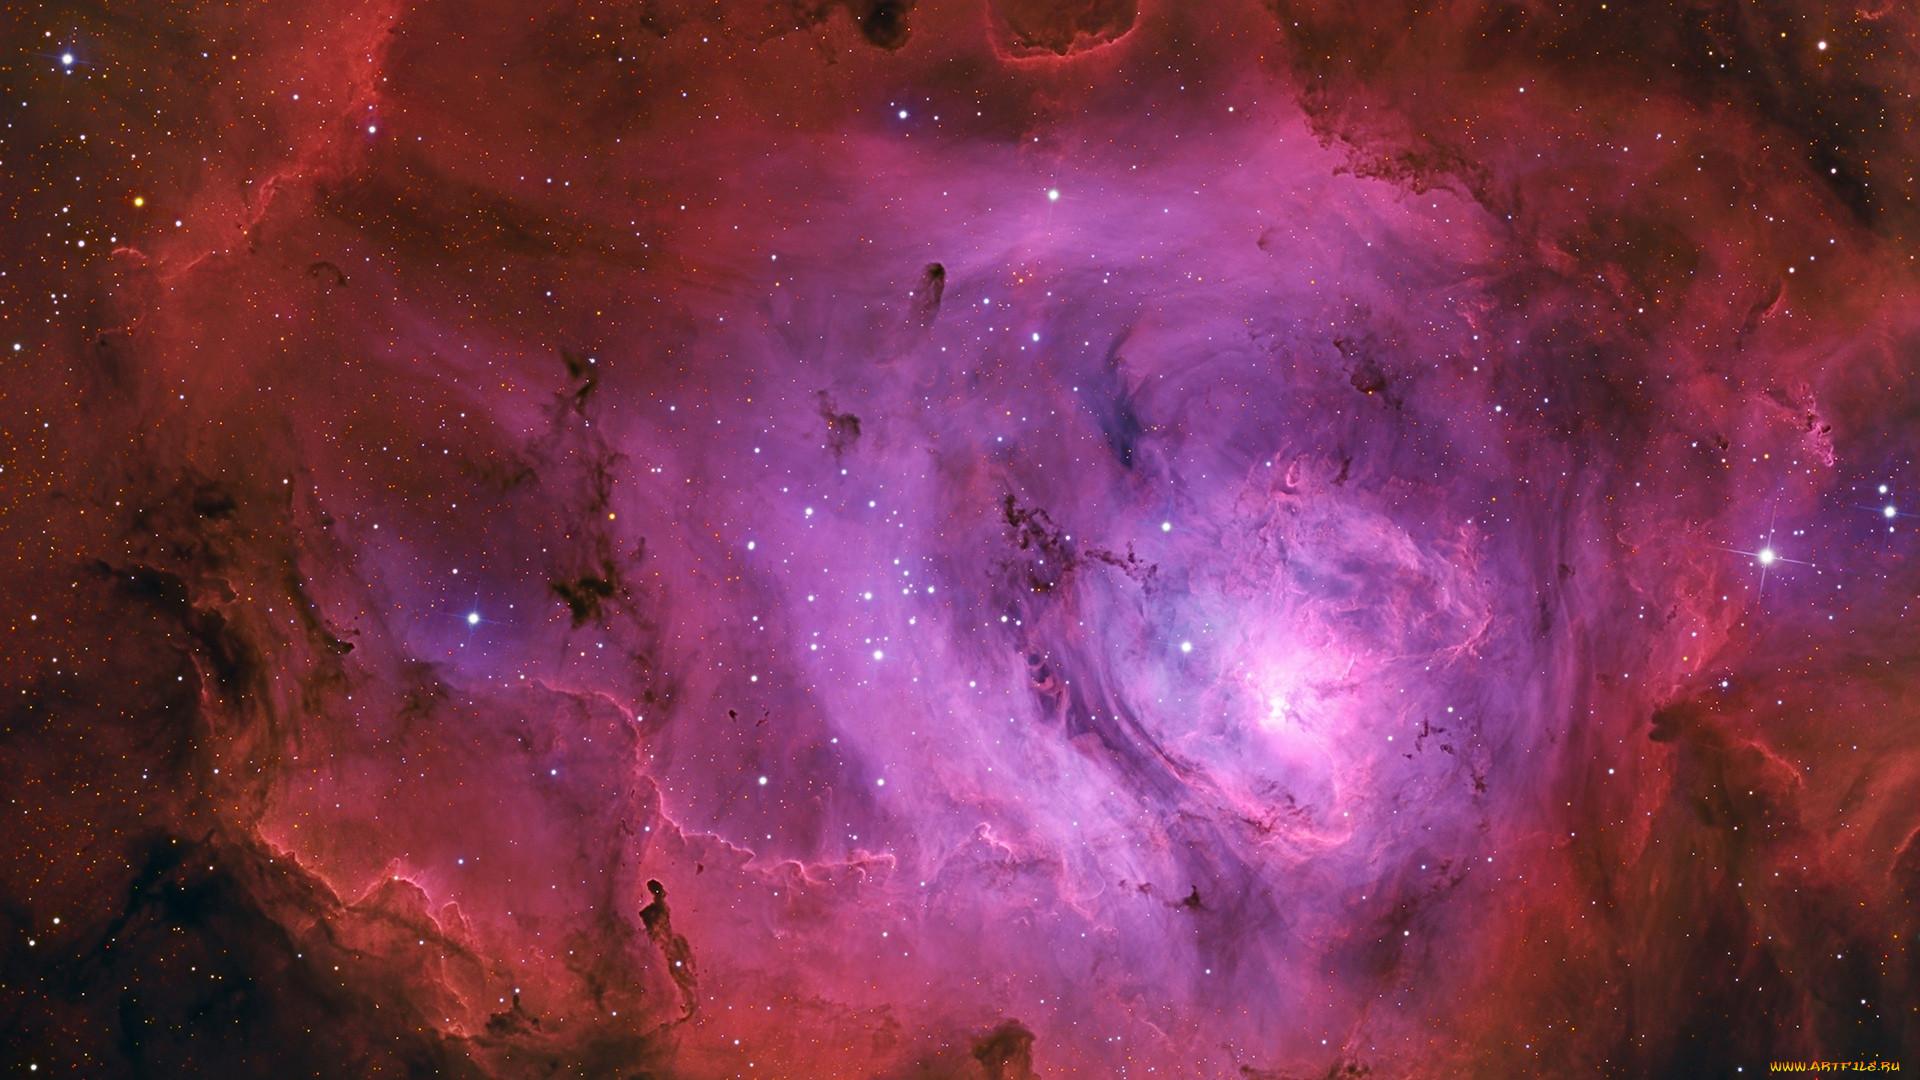 космос, галактики, туманности, туманность, лагуна